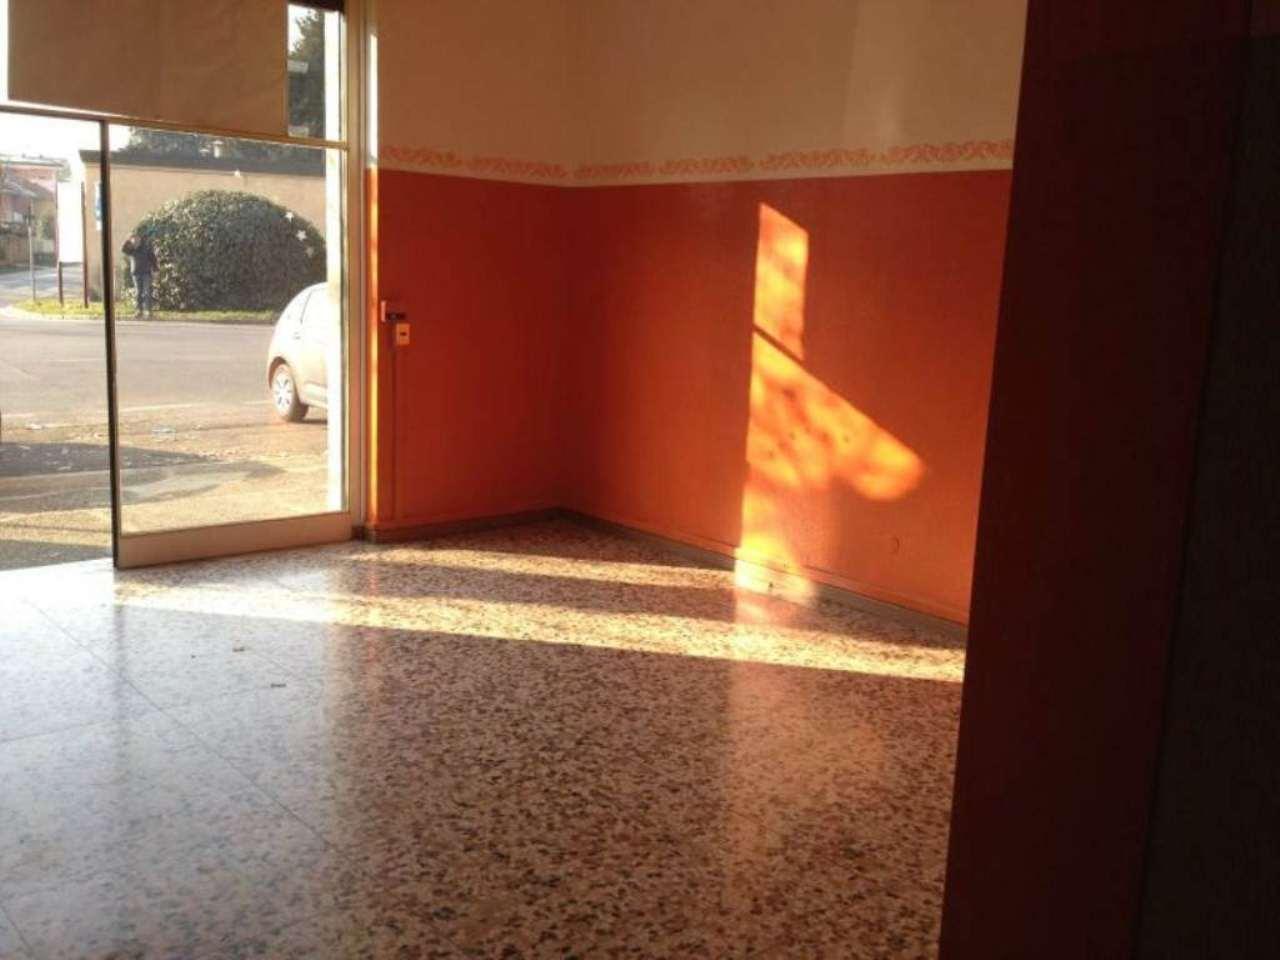 Negozio / Locale in vendita a Caronno Pertusella, 2 locali, prezzo € 62.000 | Cambio Casa.it